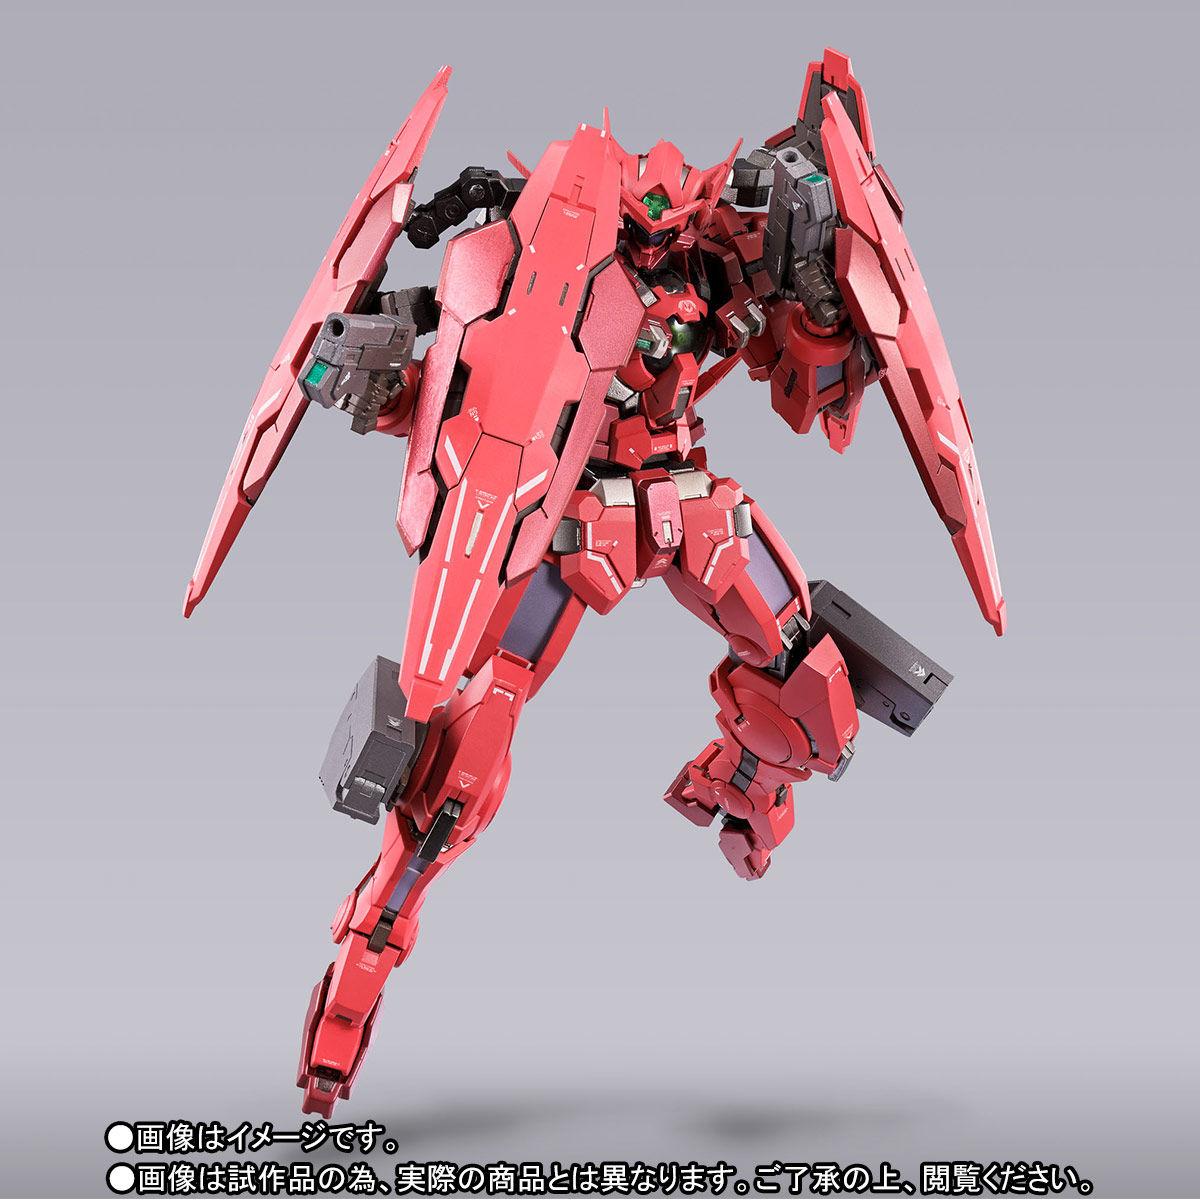 【先着販売】METAL BUILD『ガンダムアストレア TYPE-F(GN HEAVY WEAPON SET)』可動フィギュア-008